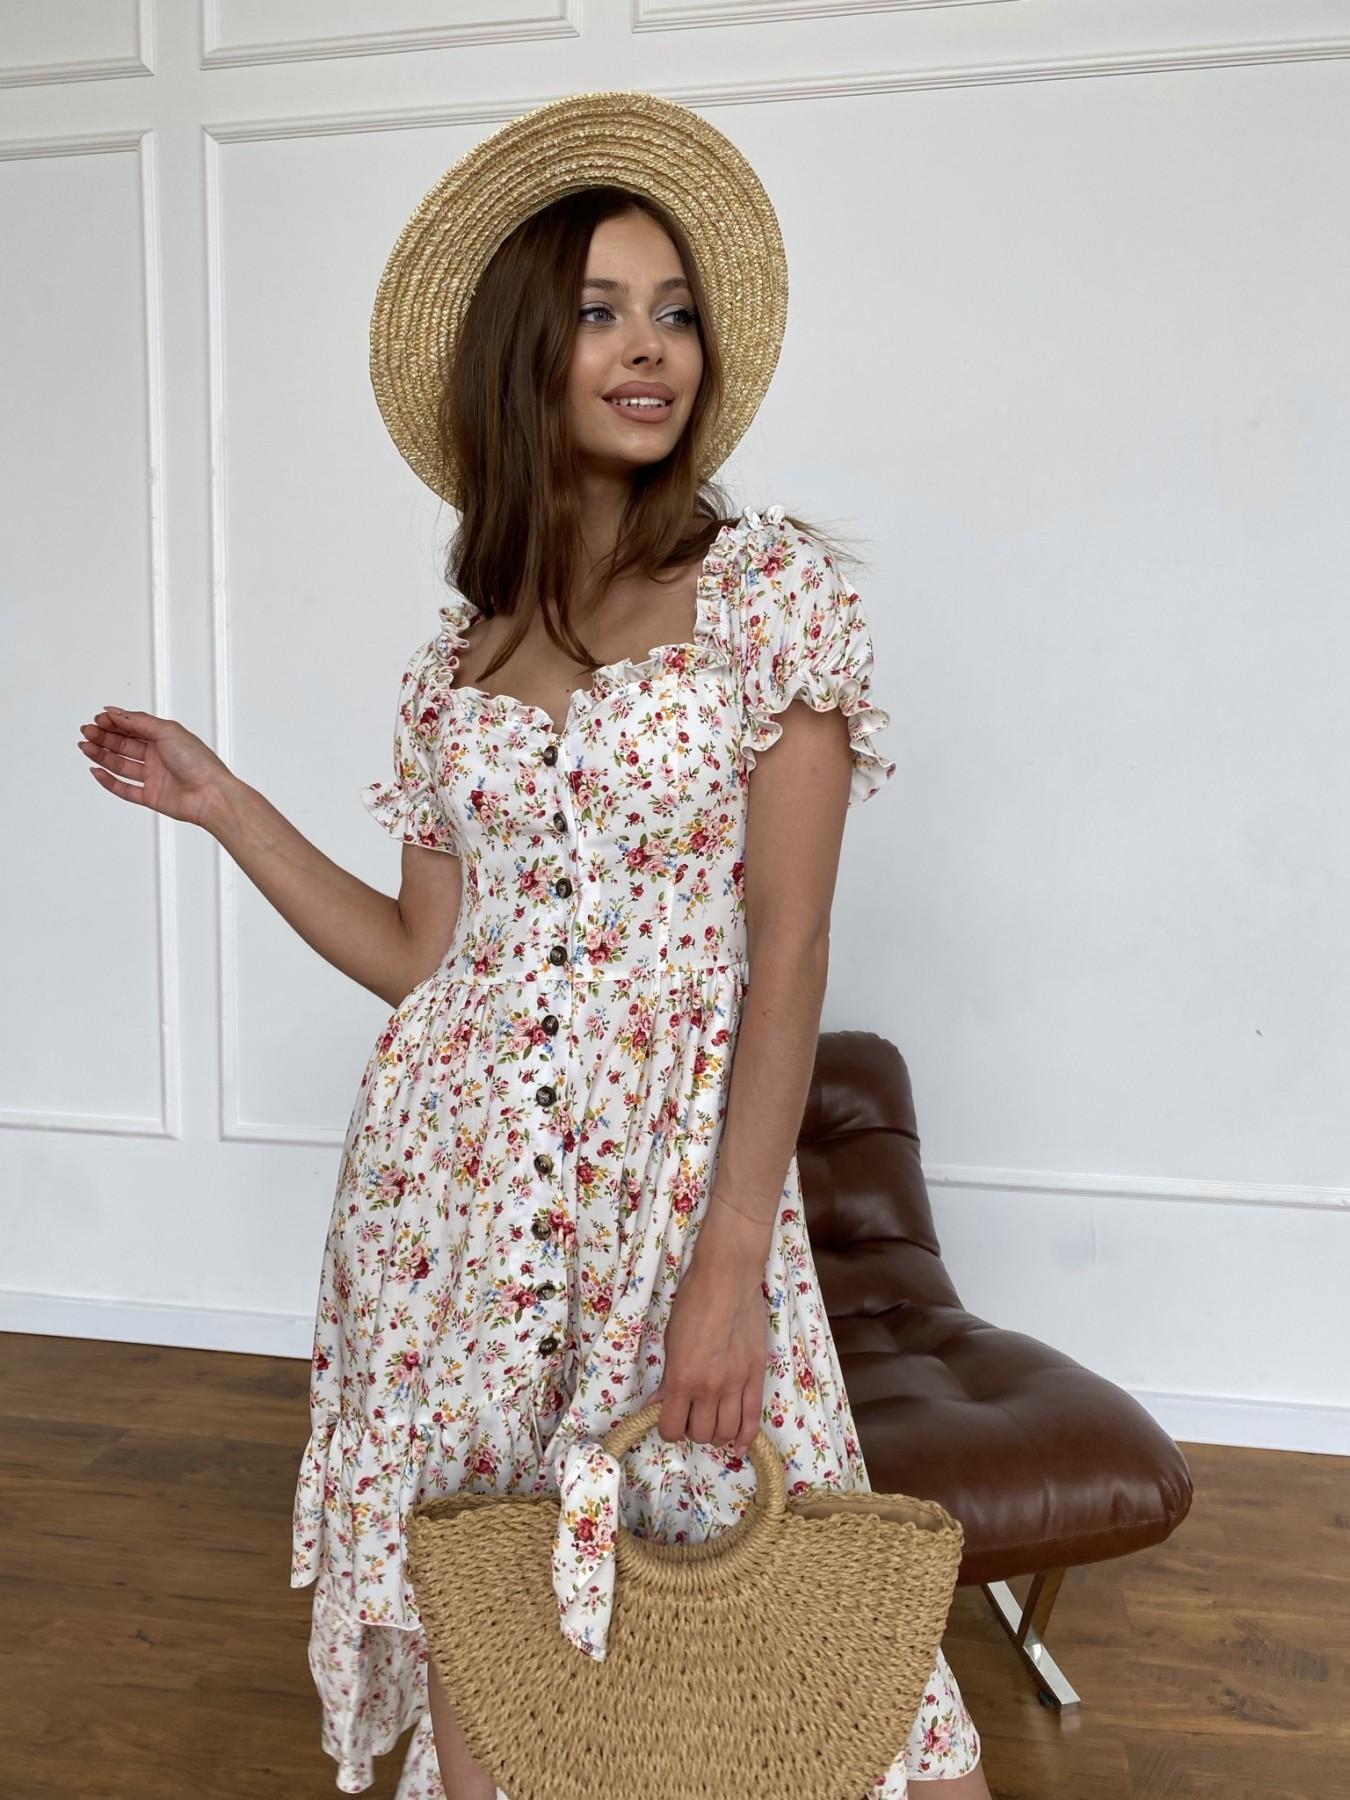 Нежность платье штапель принт 11420 АРТ. 47984 Цвет: Молоко/РозовыйБукет - фото 5, интернет магазин tm-modus.ru